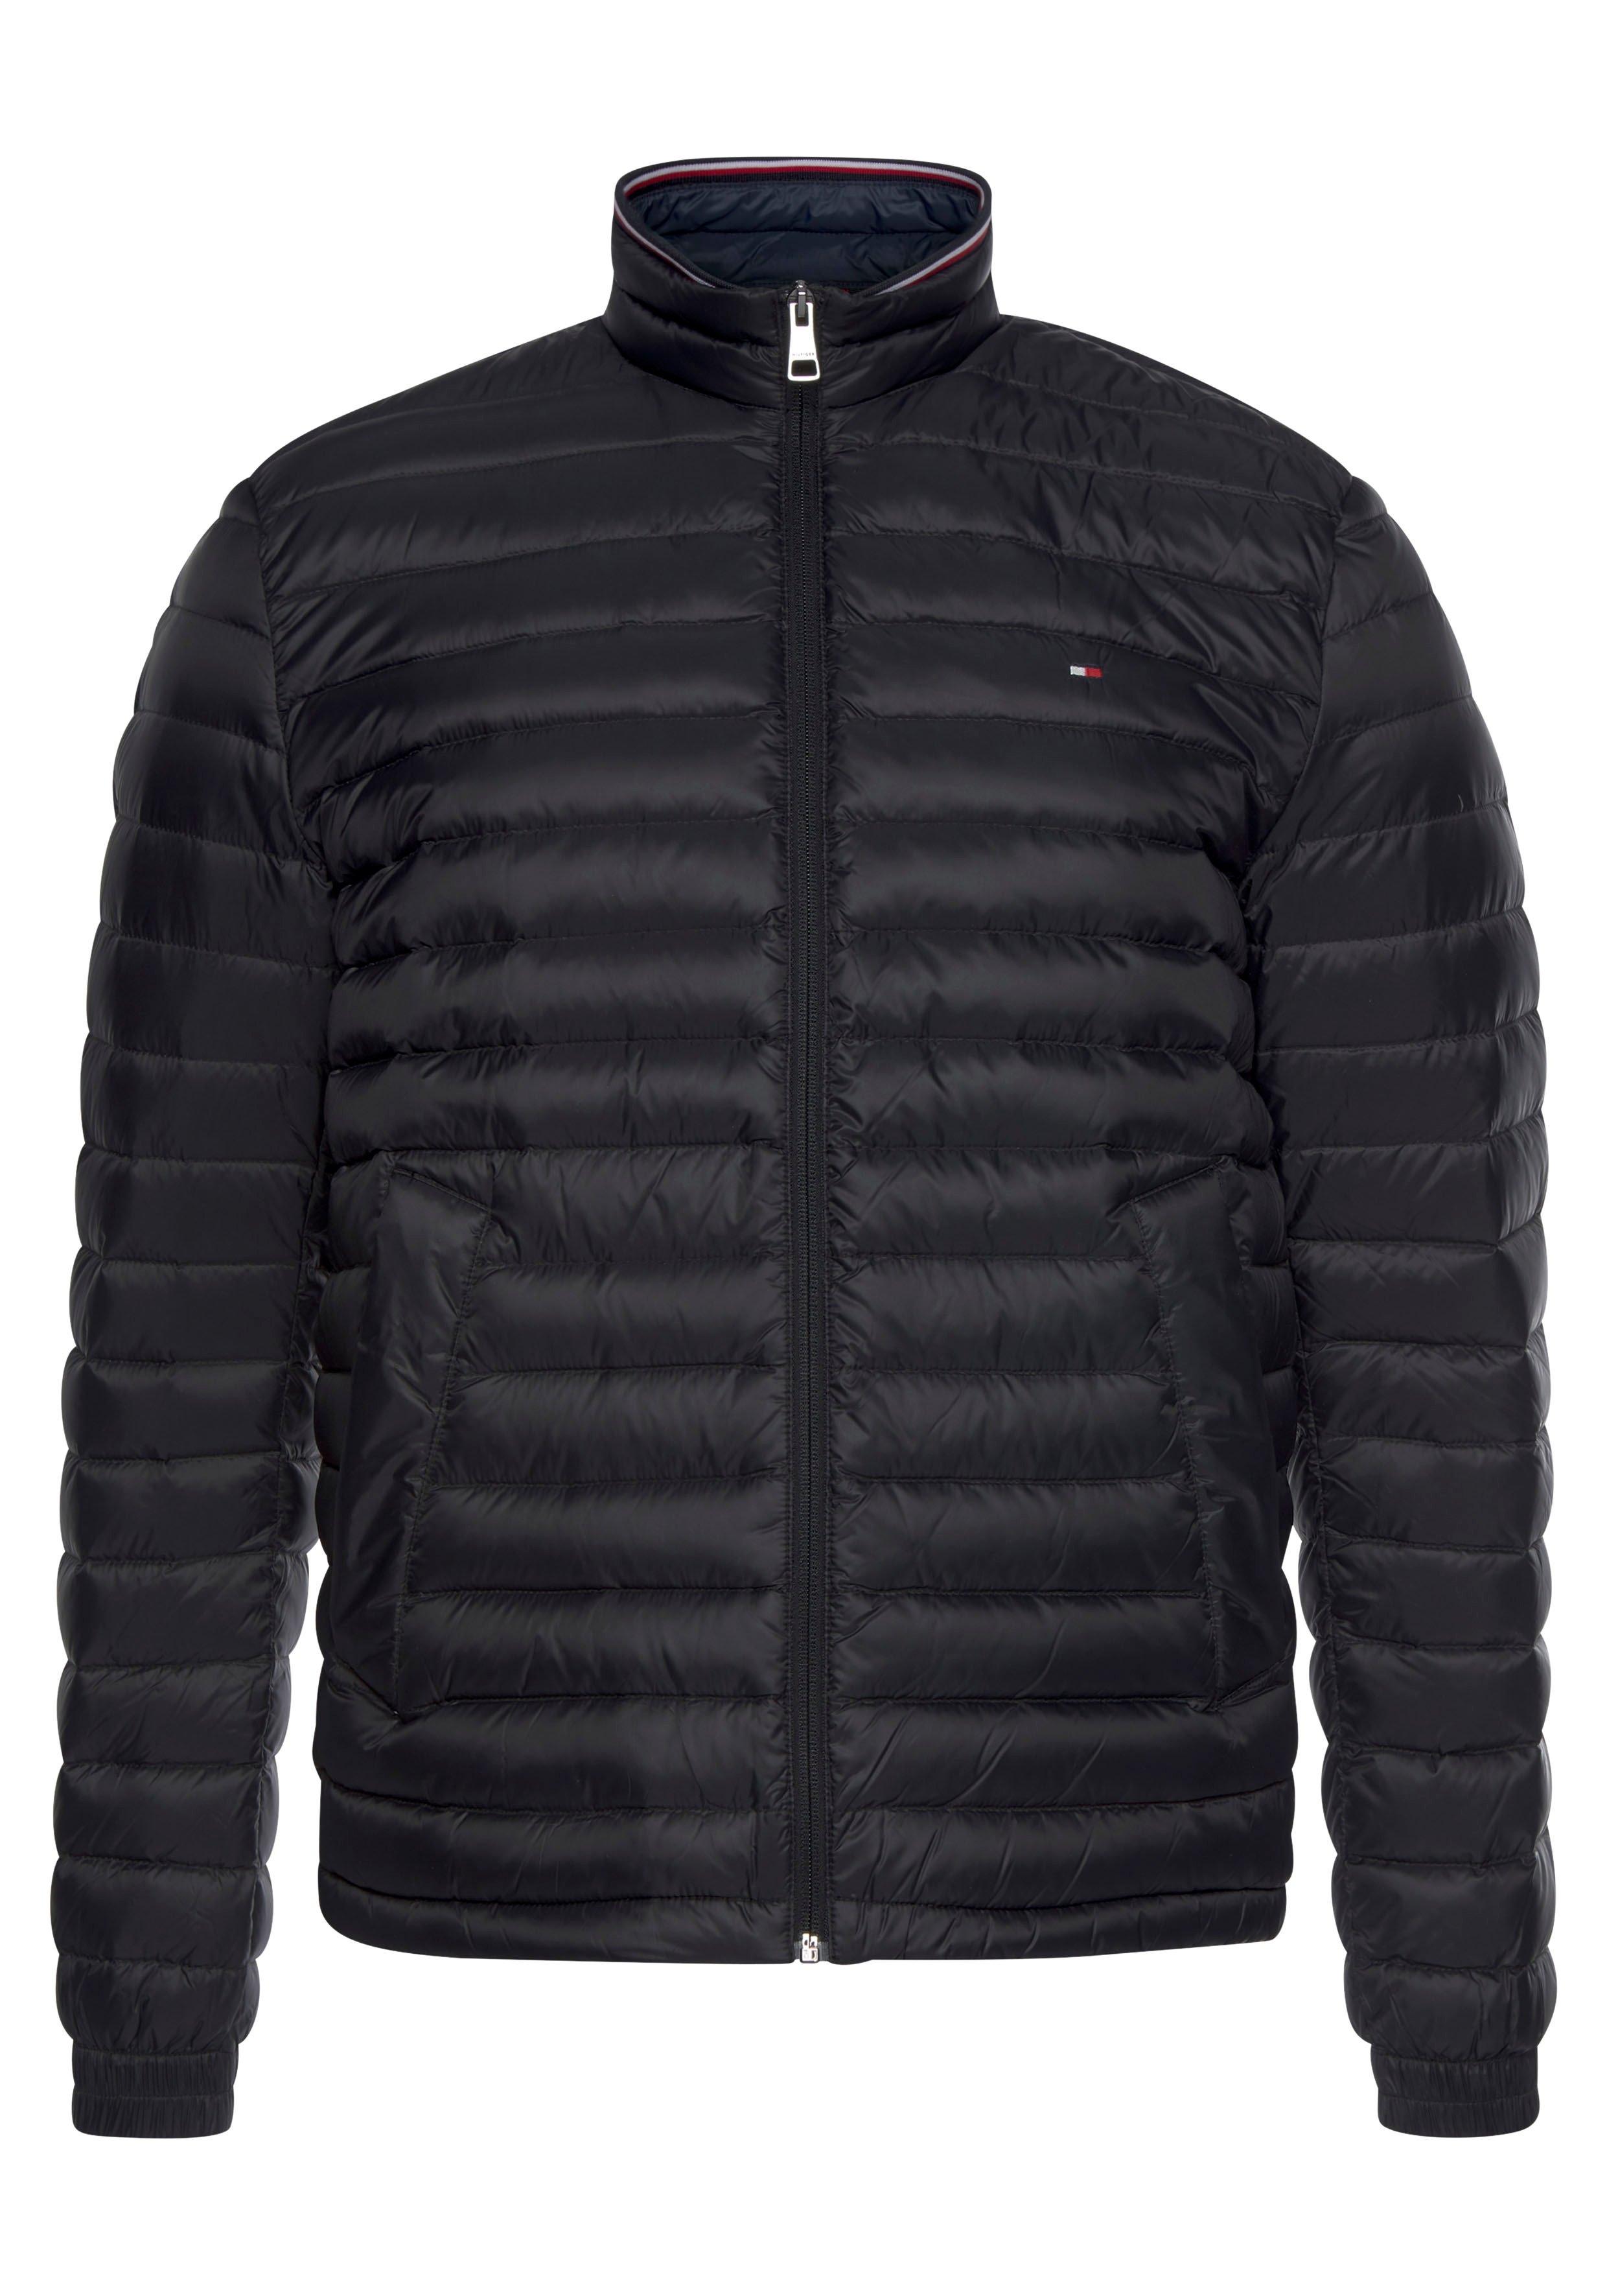 TOMMY HILFIGER gewatteerde jas nu online kopen bij OTTO